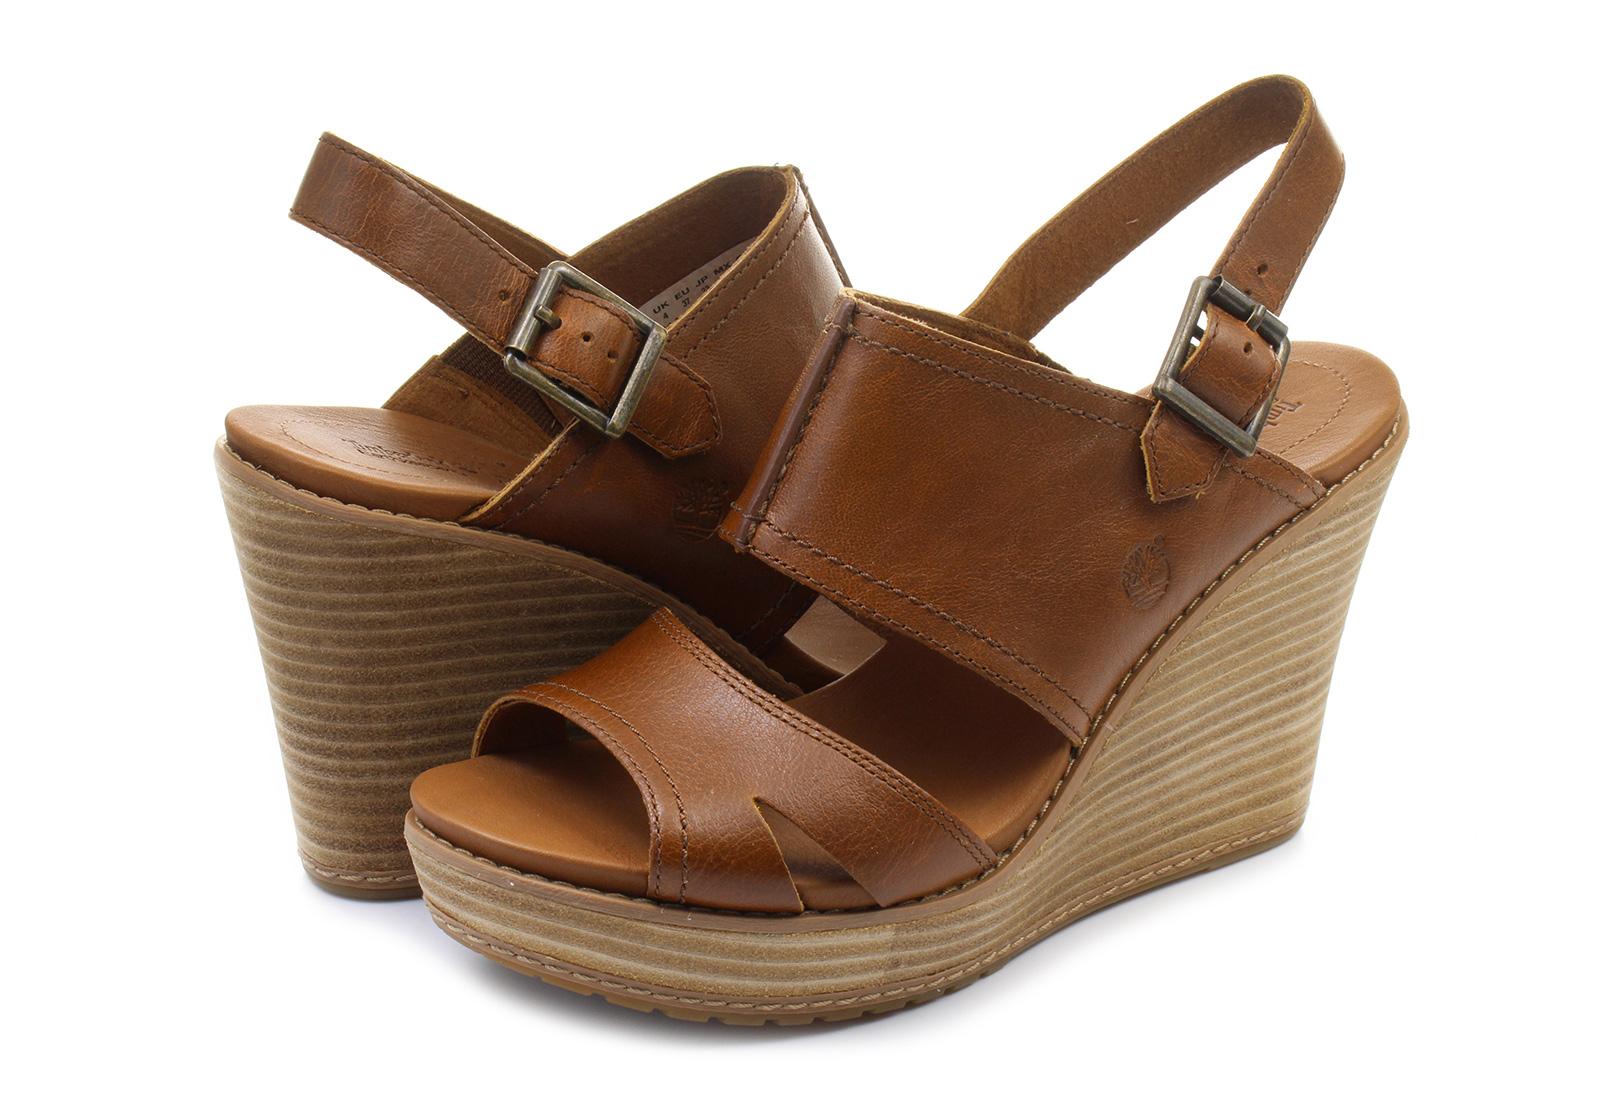 ef360d27d00 Timberland Sandals - Danforth Backstrap - 8861A-brn - Online shop ...